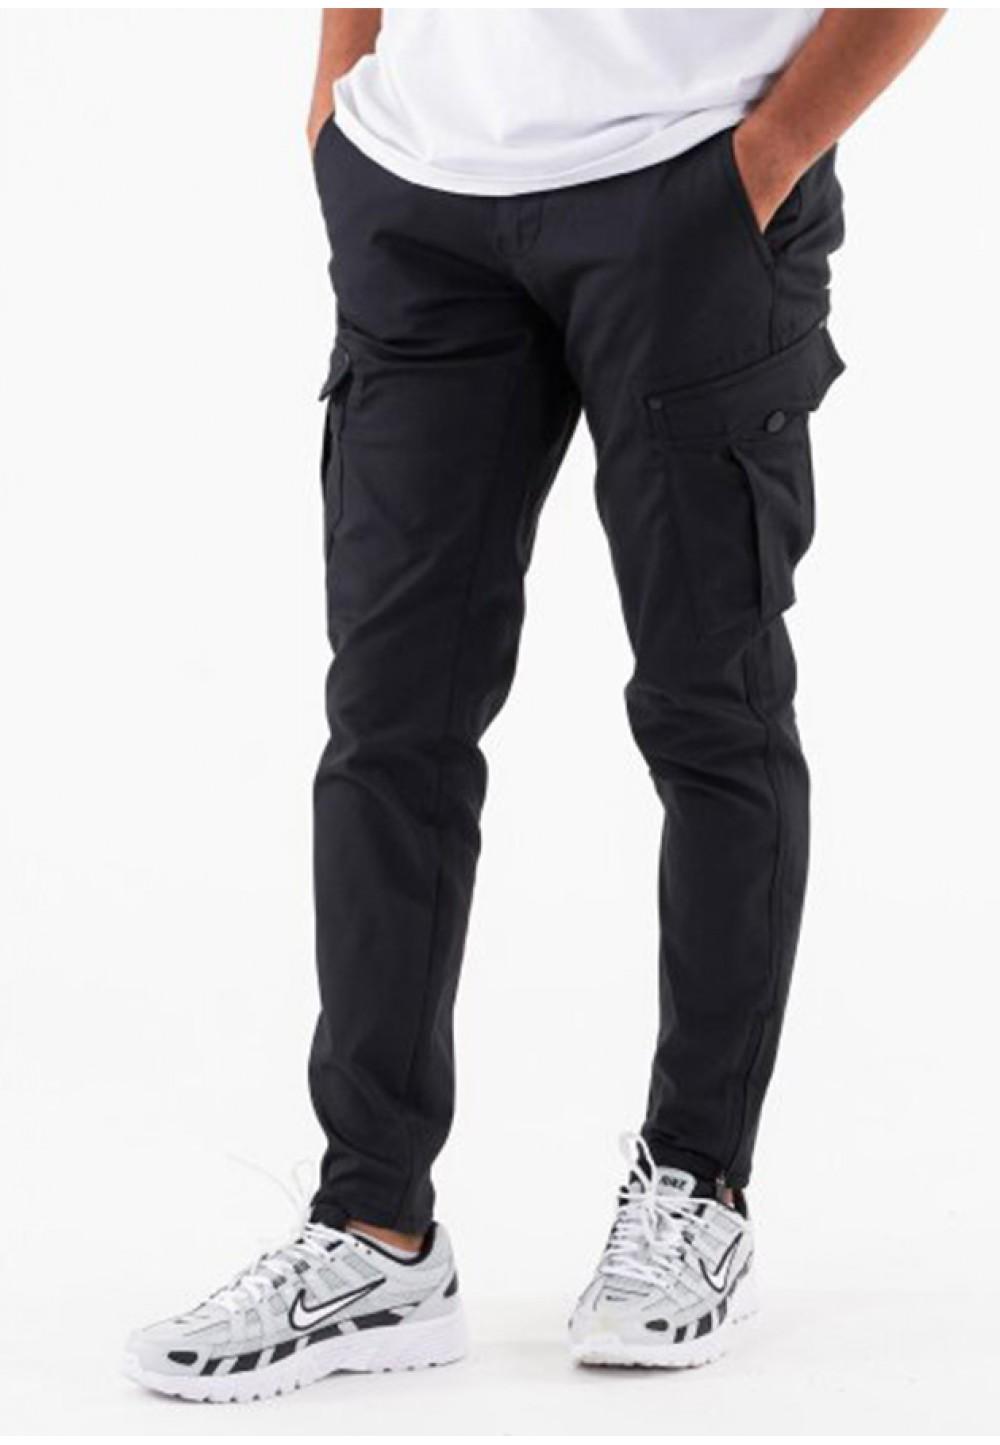 Чорні завужені брюки з накладними кишенями